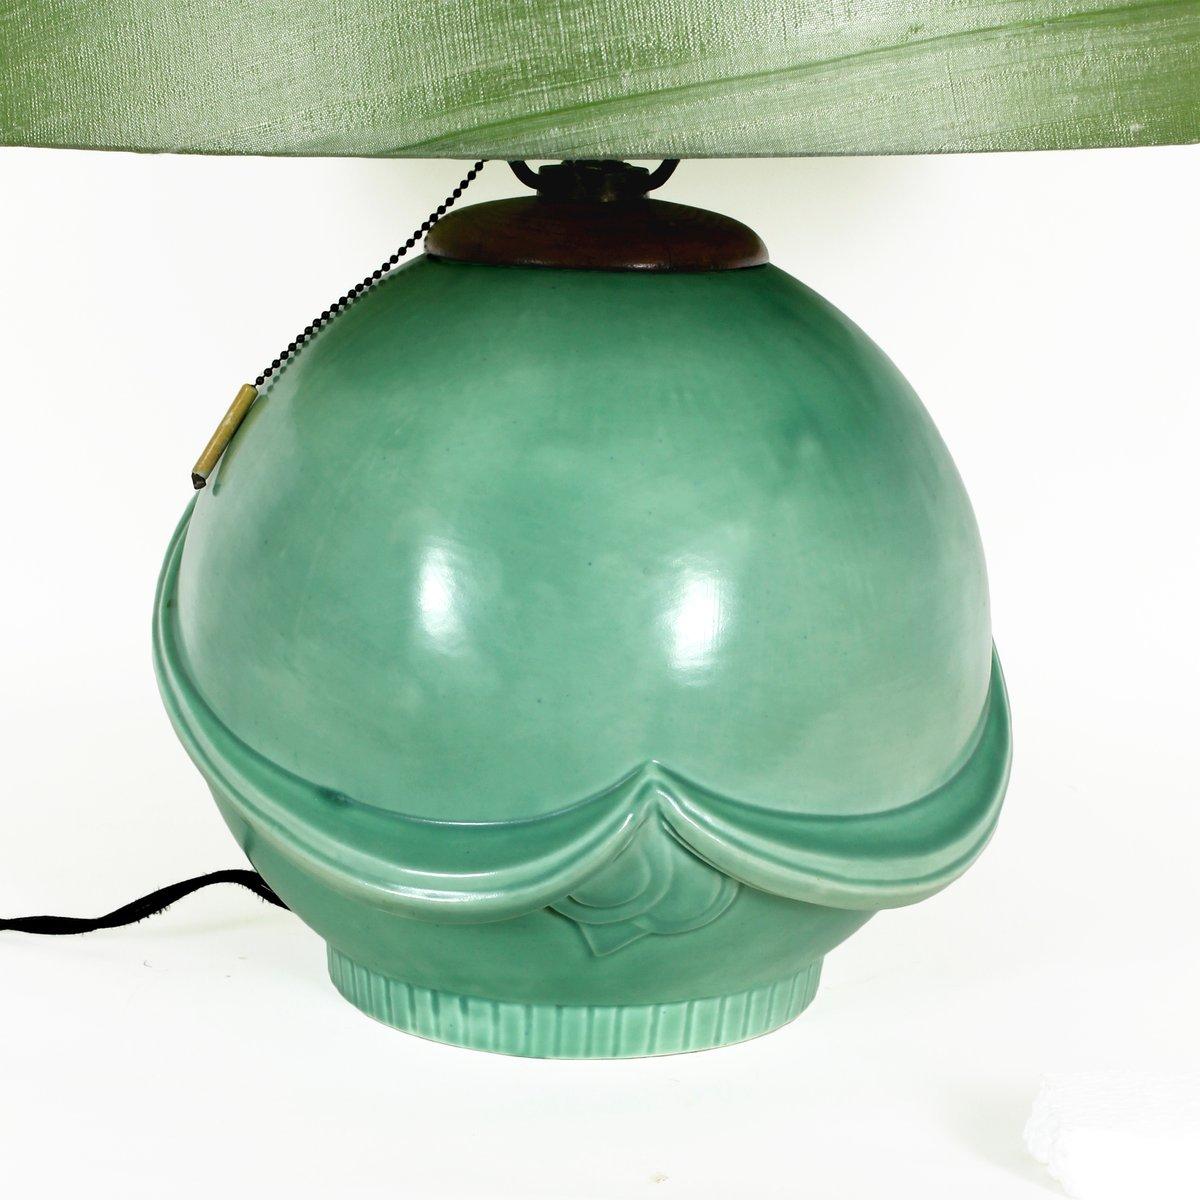 https://cdn10.pamono.com/p/z/2/3/235129_ul71wf2gqu/lampada-da-tavolo-in-ceramica-anni-30-immagine-6.jpg